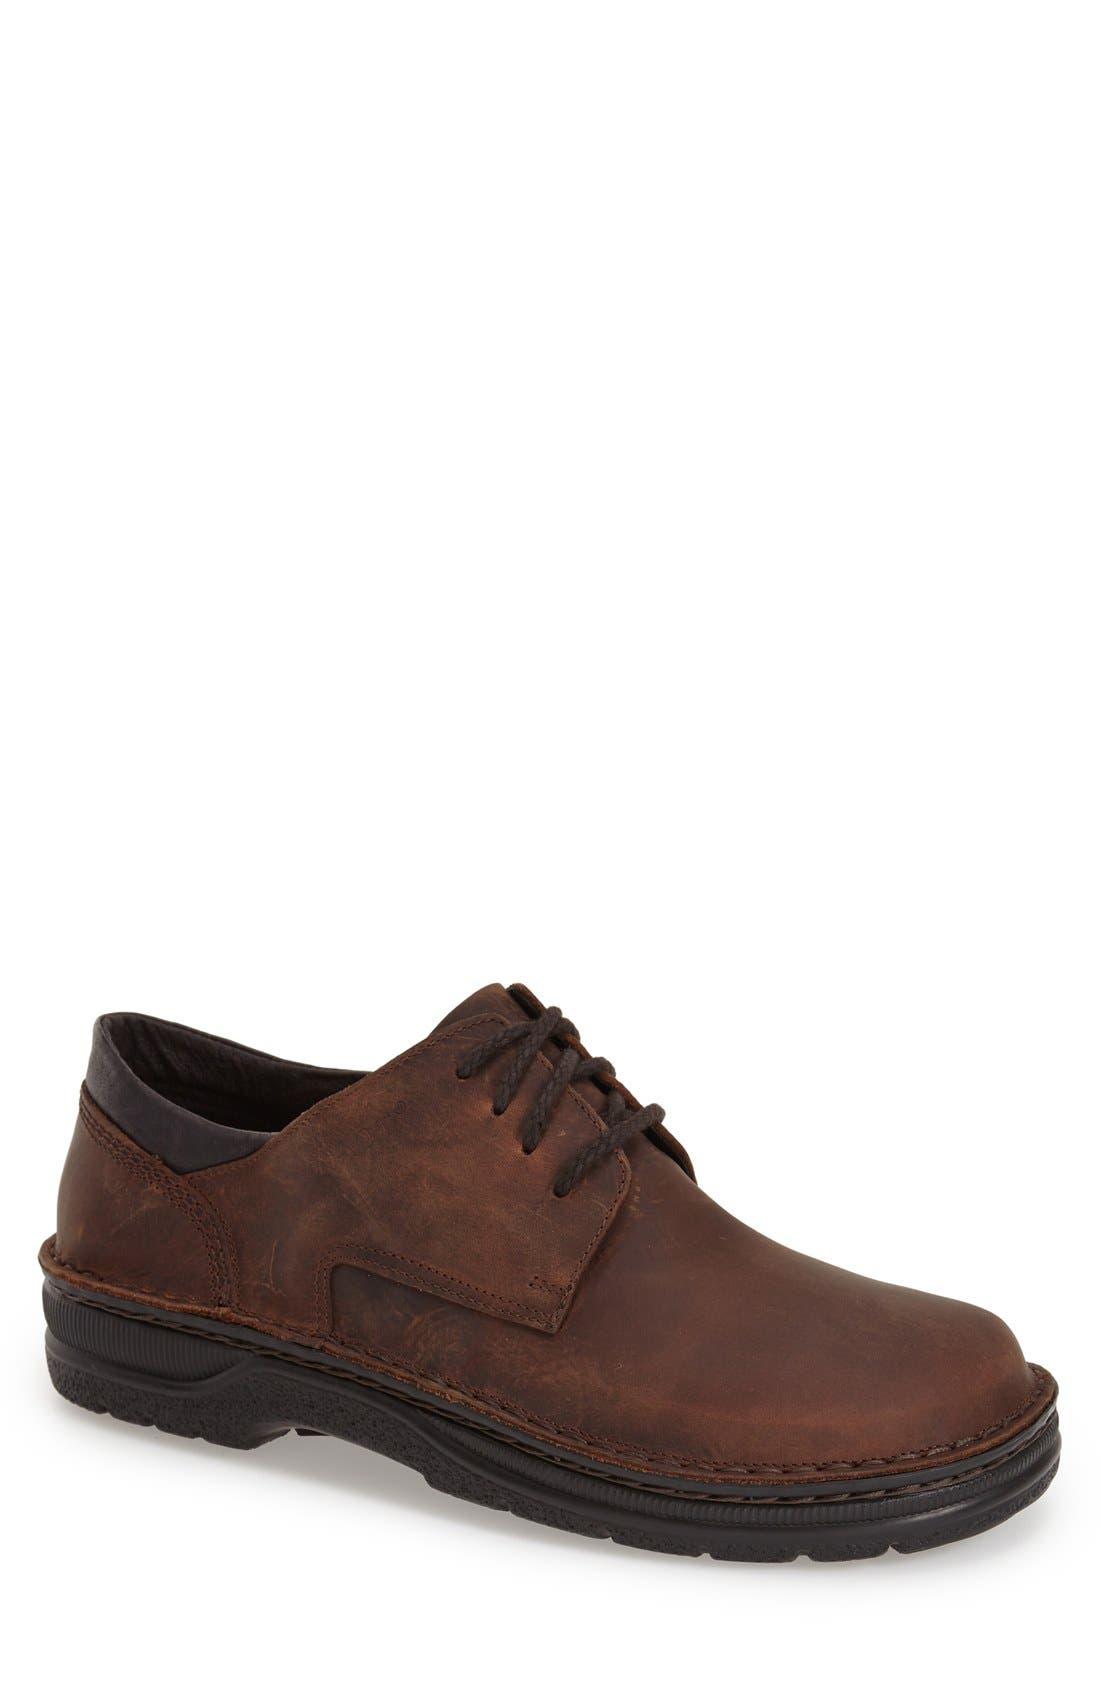 Denali Plain Toe Derby,                         Main,                         color, BROWN LEATHER